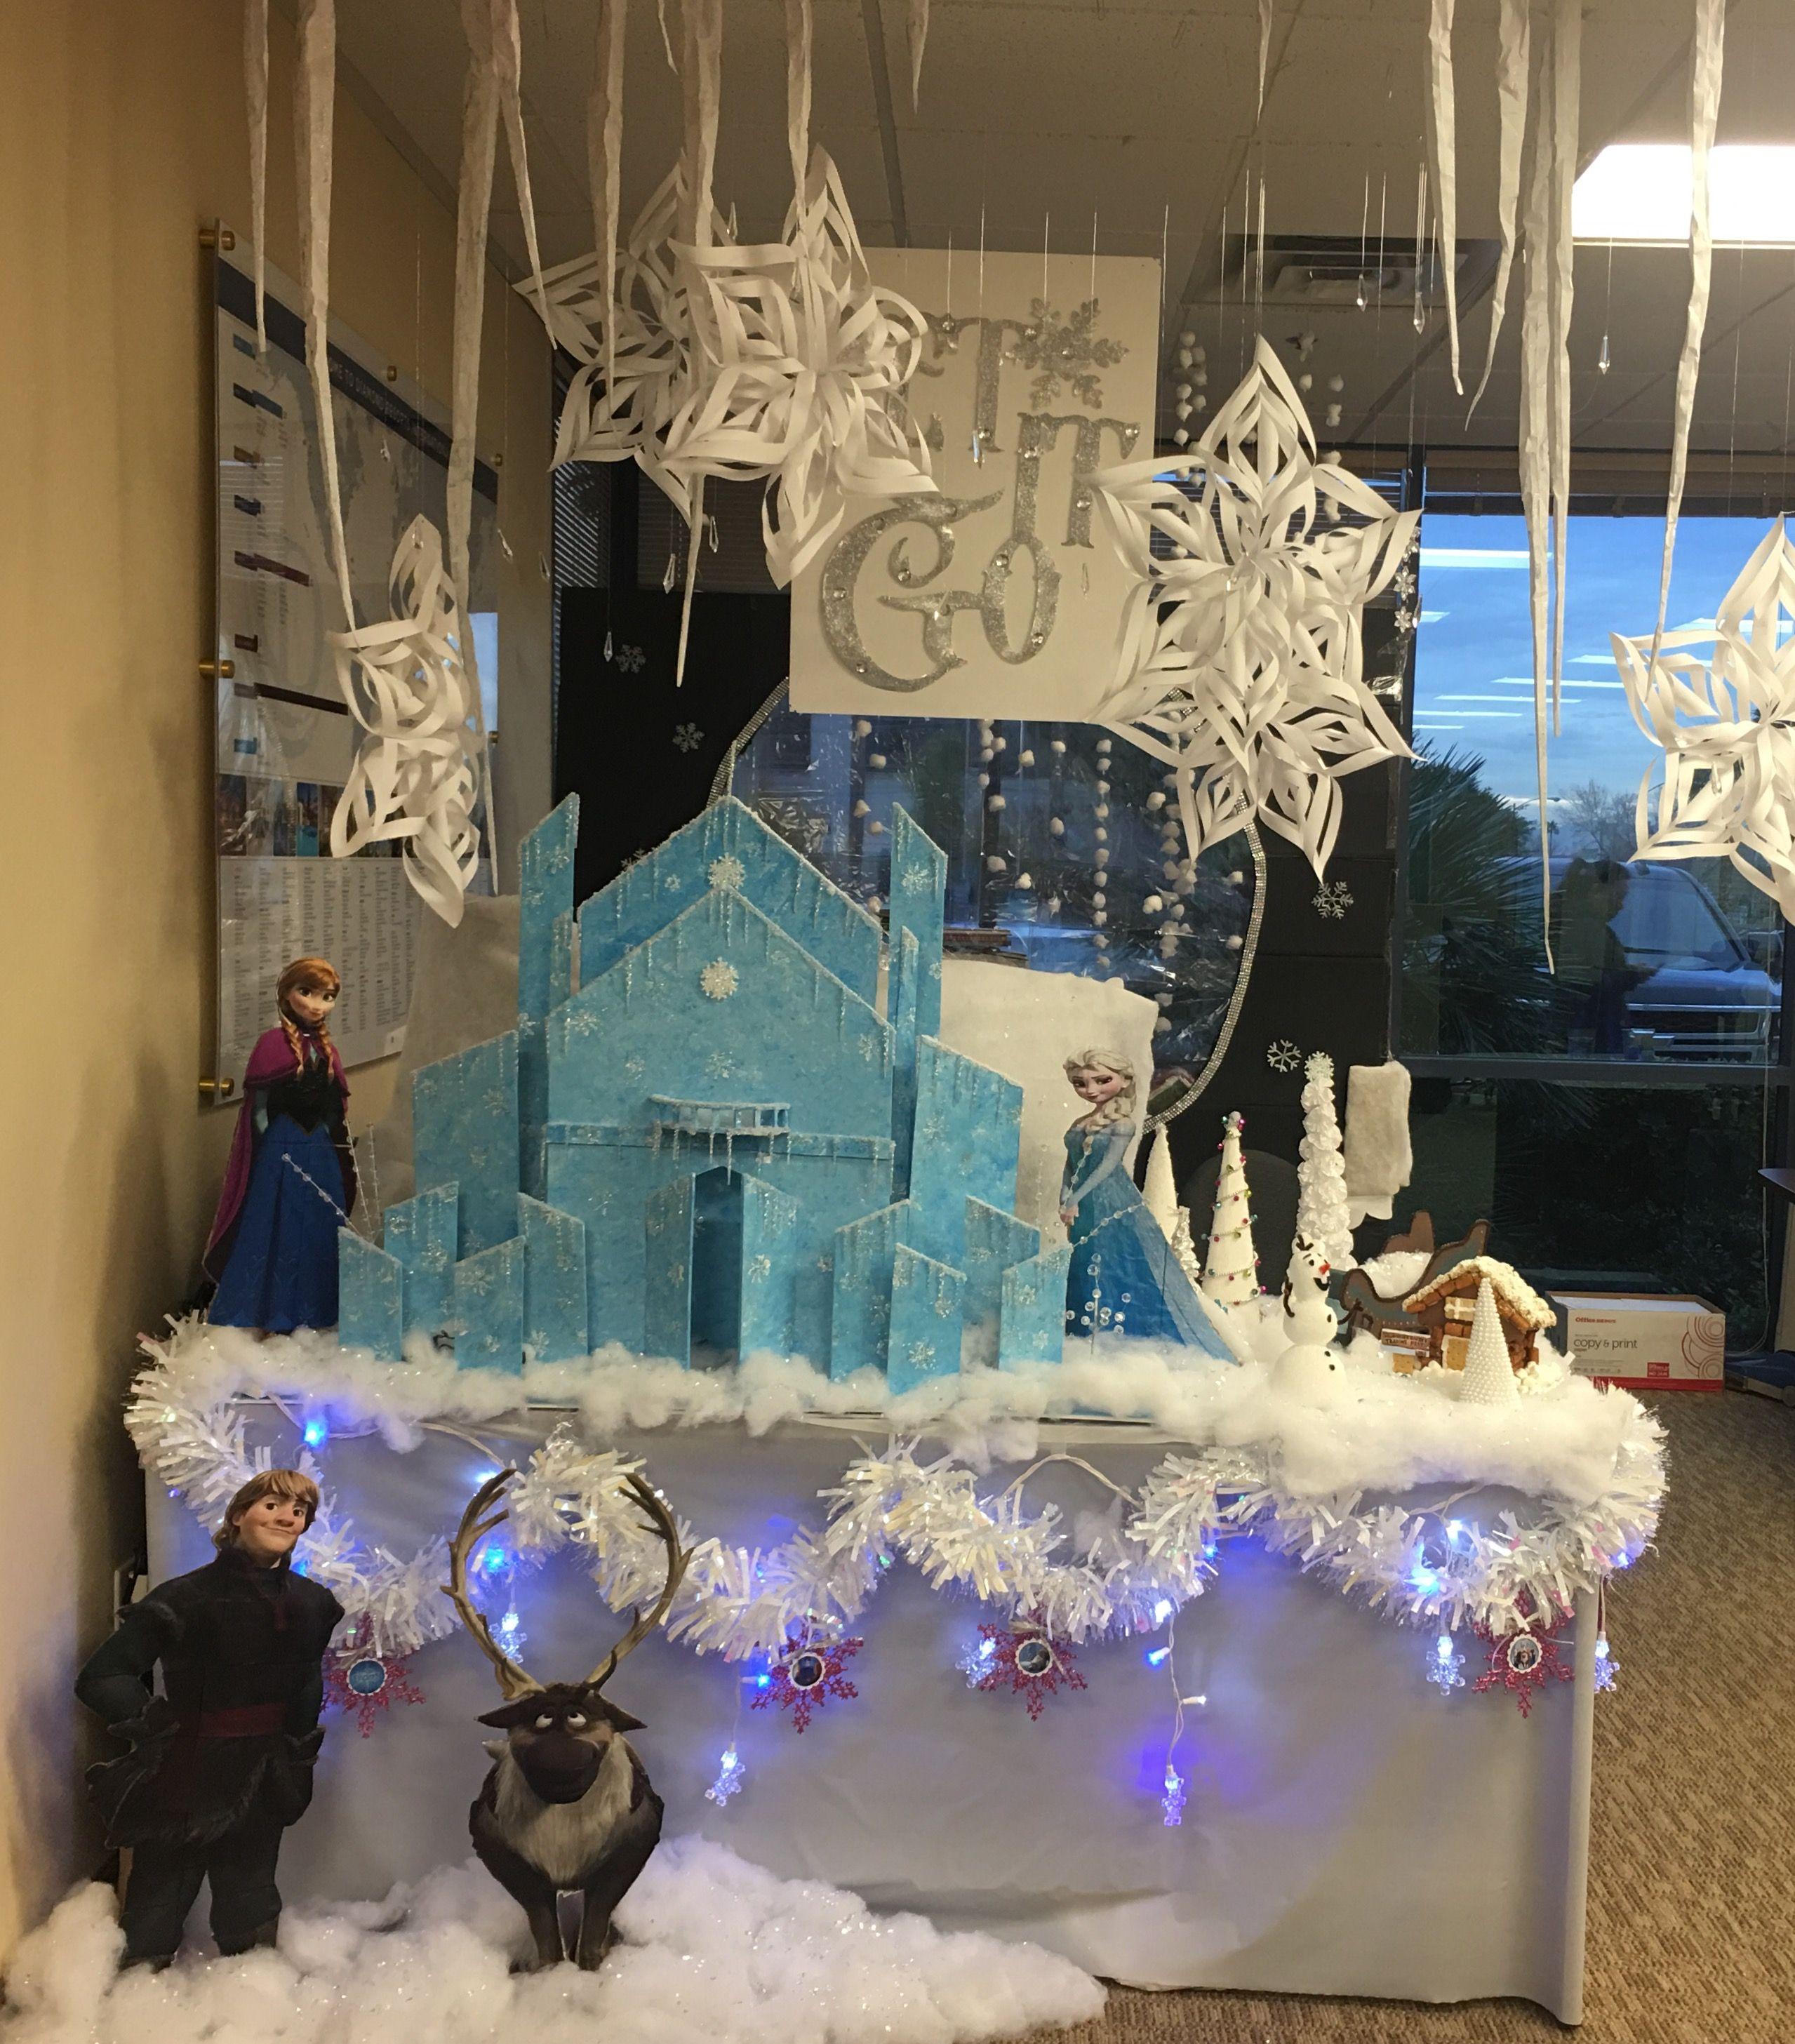 Frozen Christmas Decorations For Office | Psoriasisguru.com